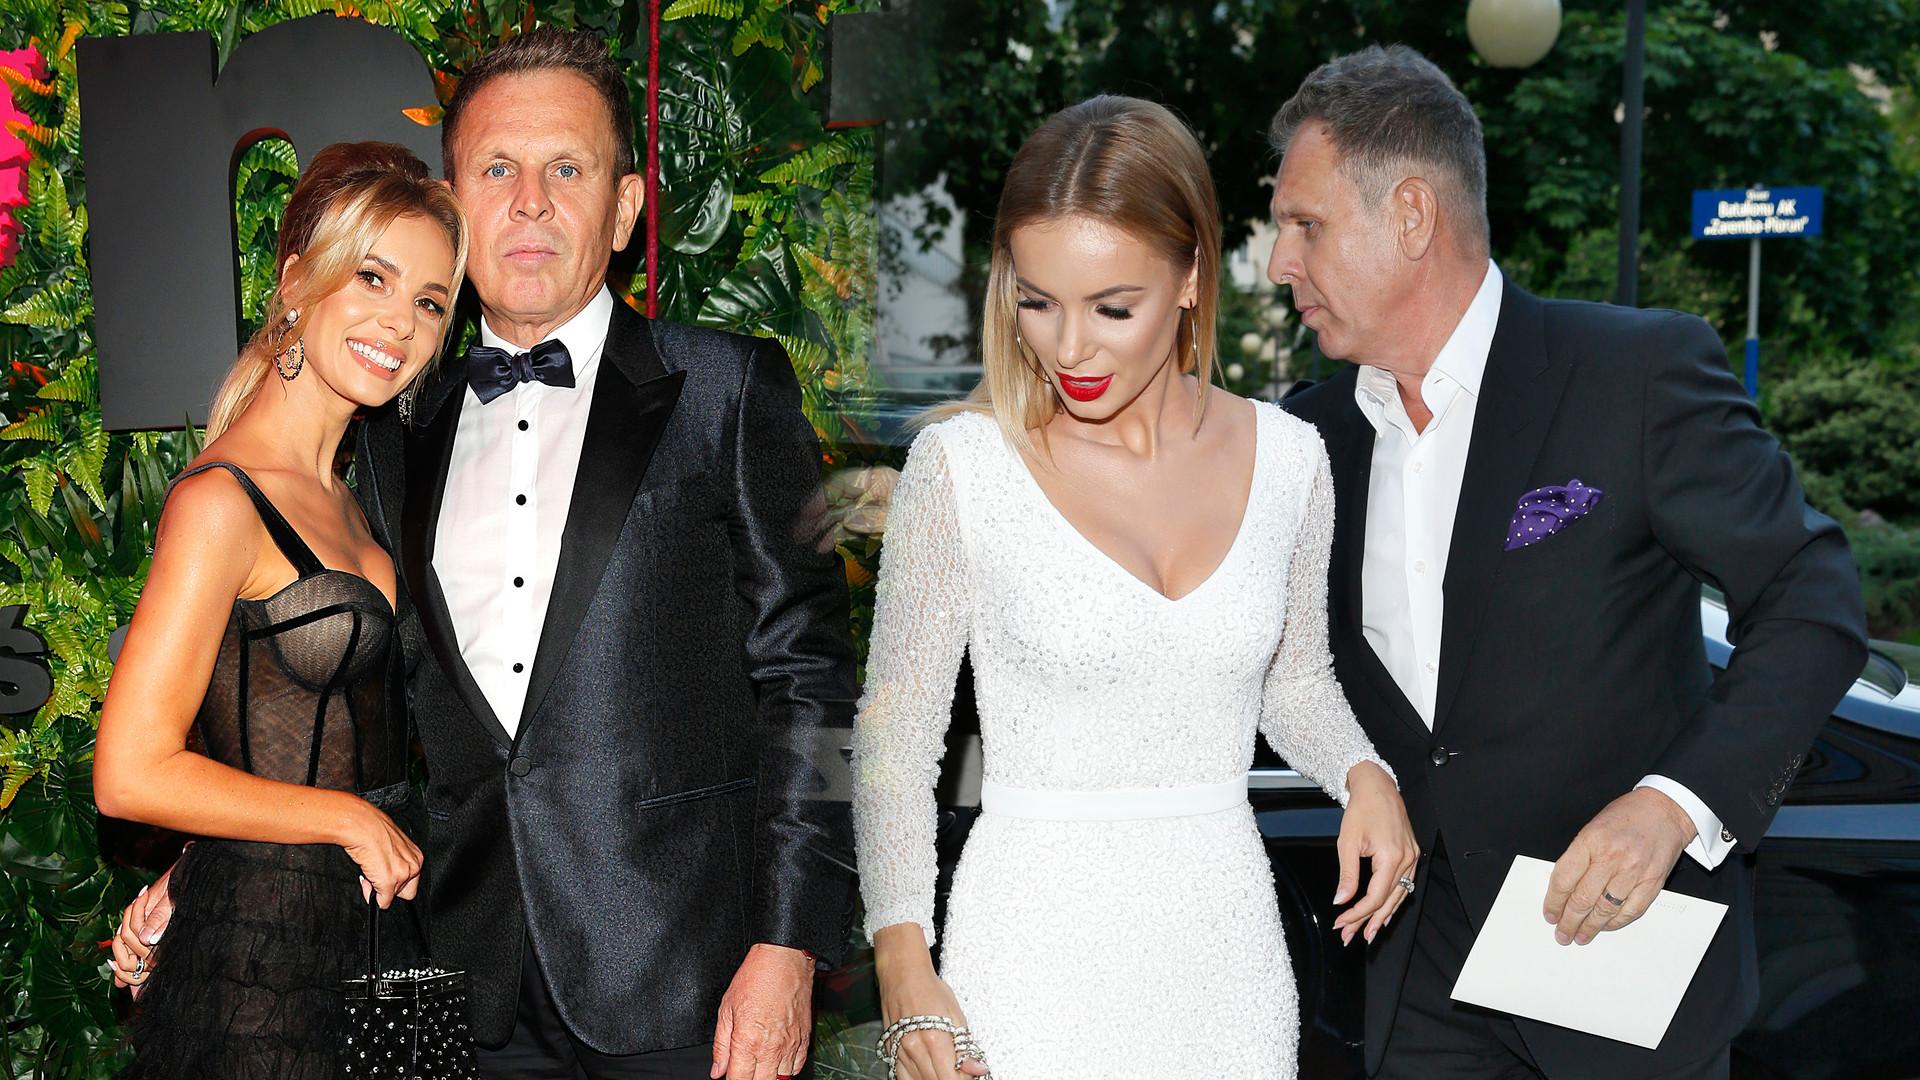 Internautka napisała Izabeli Janachowskiej, że celebrytka jest z mężem… tylko dla kasy